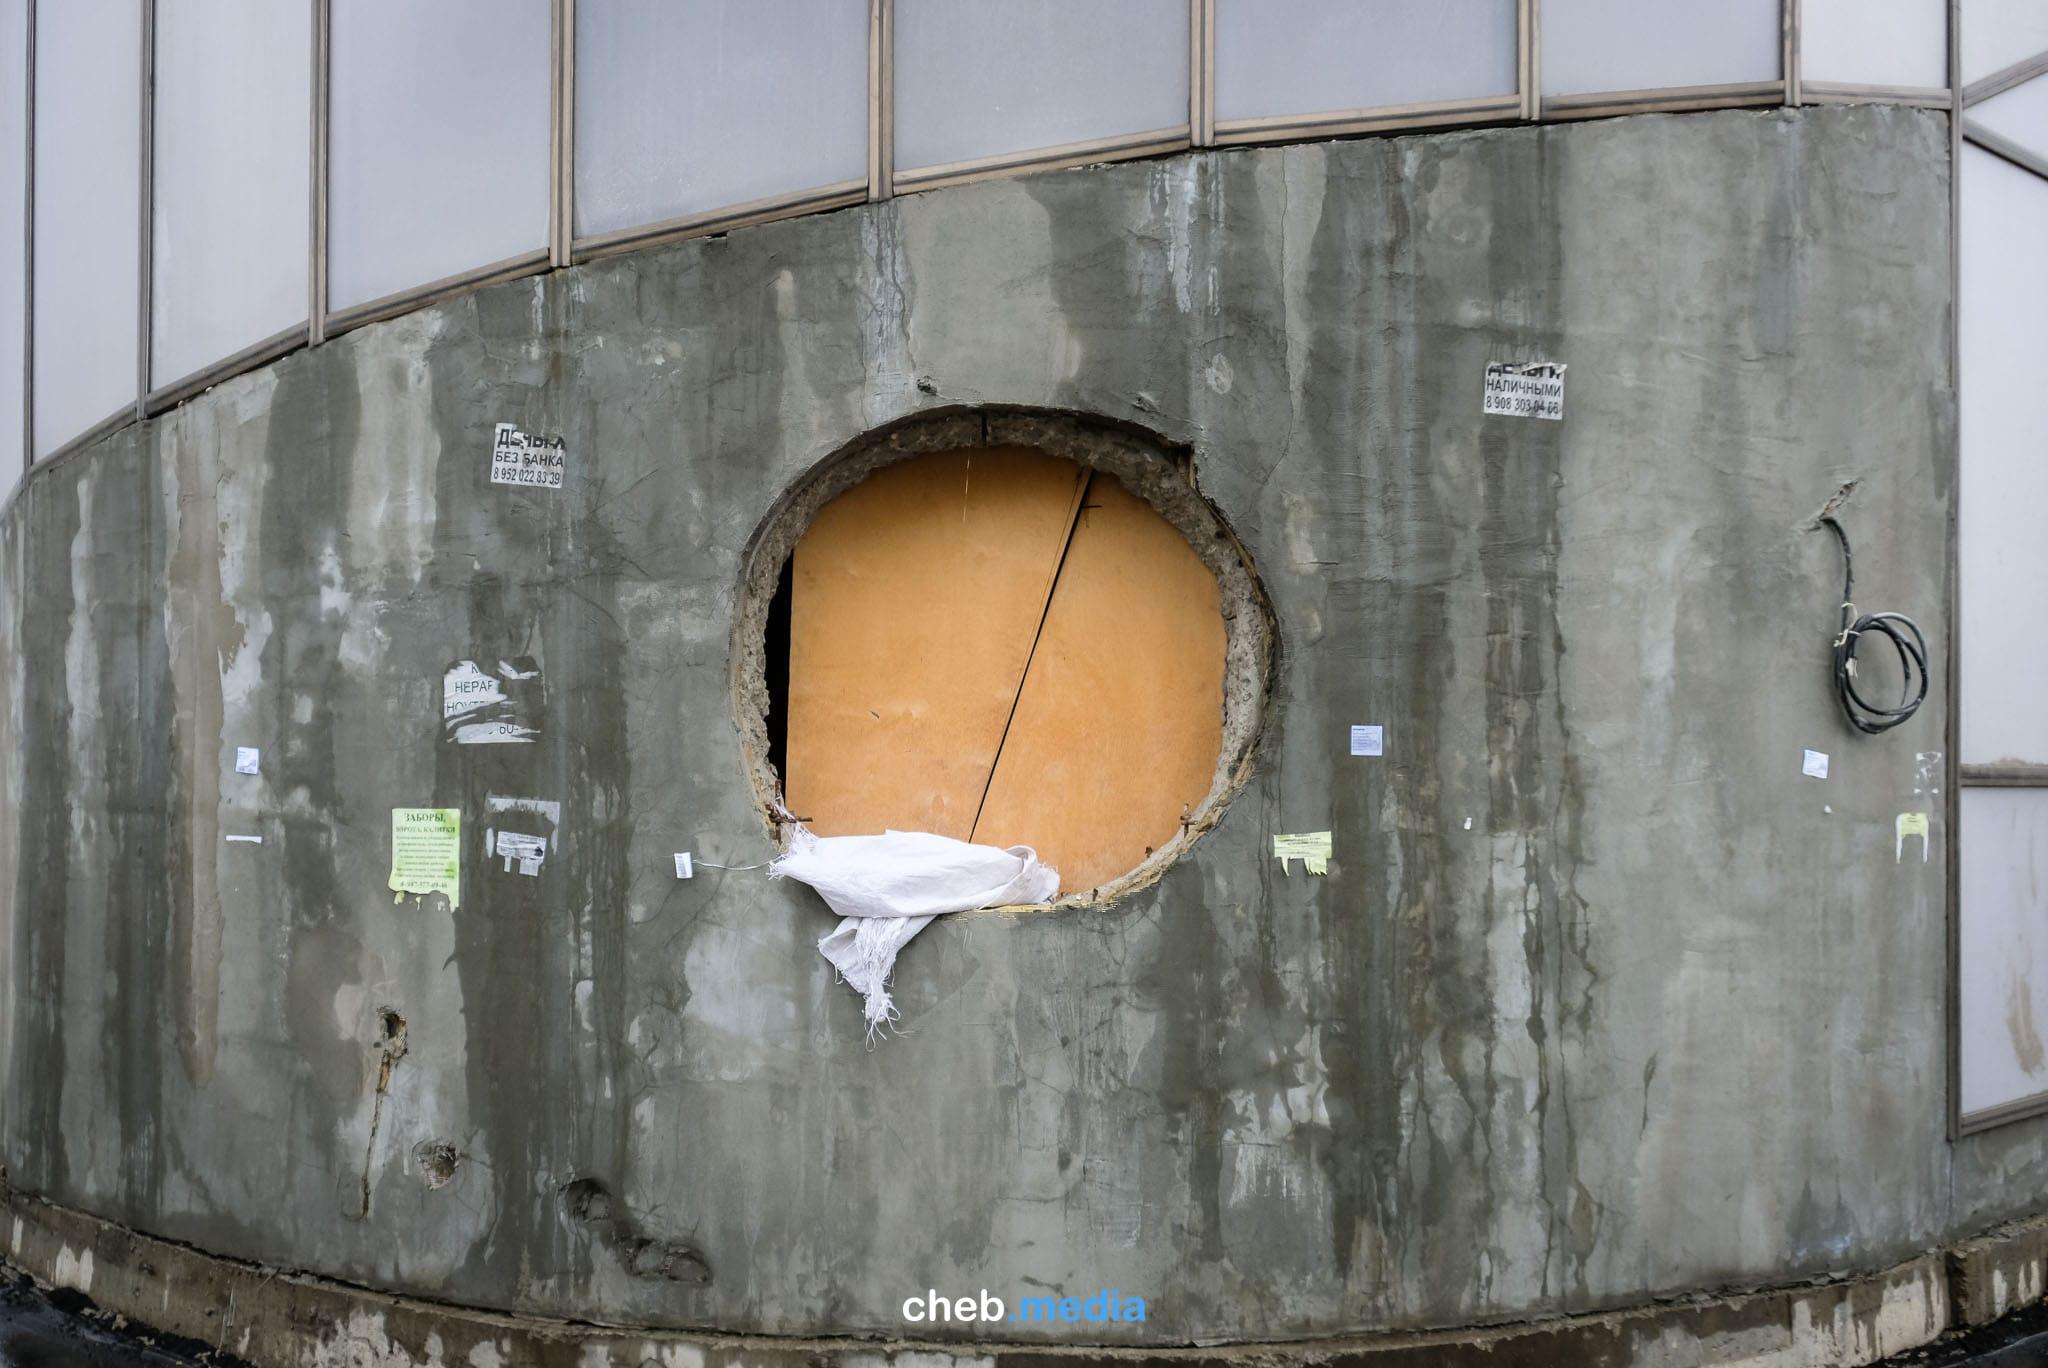 Надземку на Марпосадском шоссе должны были сдать 15 октября 2018. И опять не смогли?